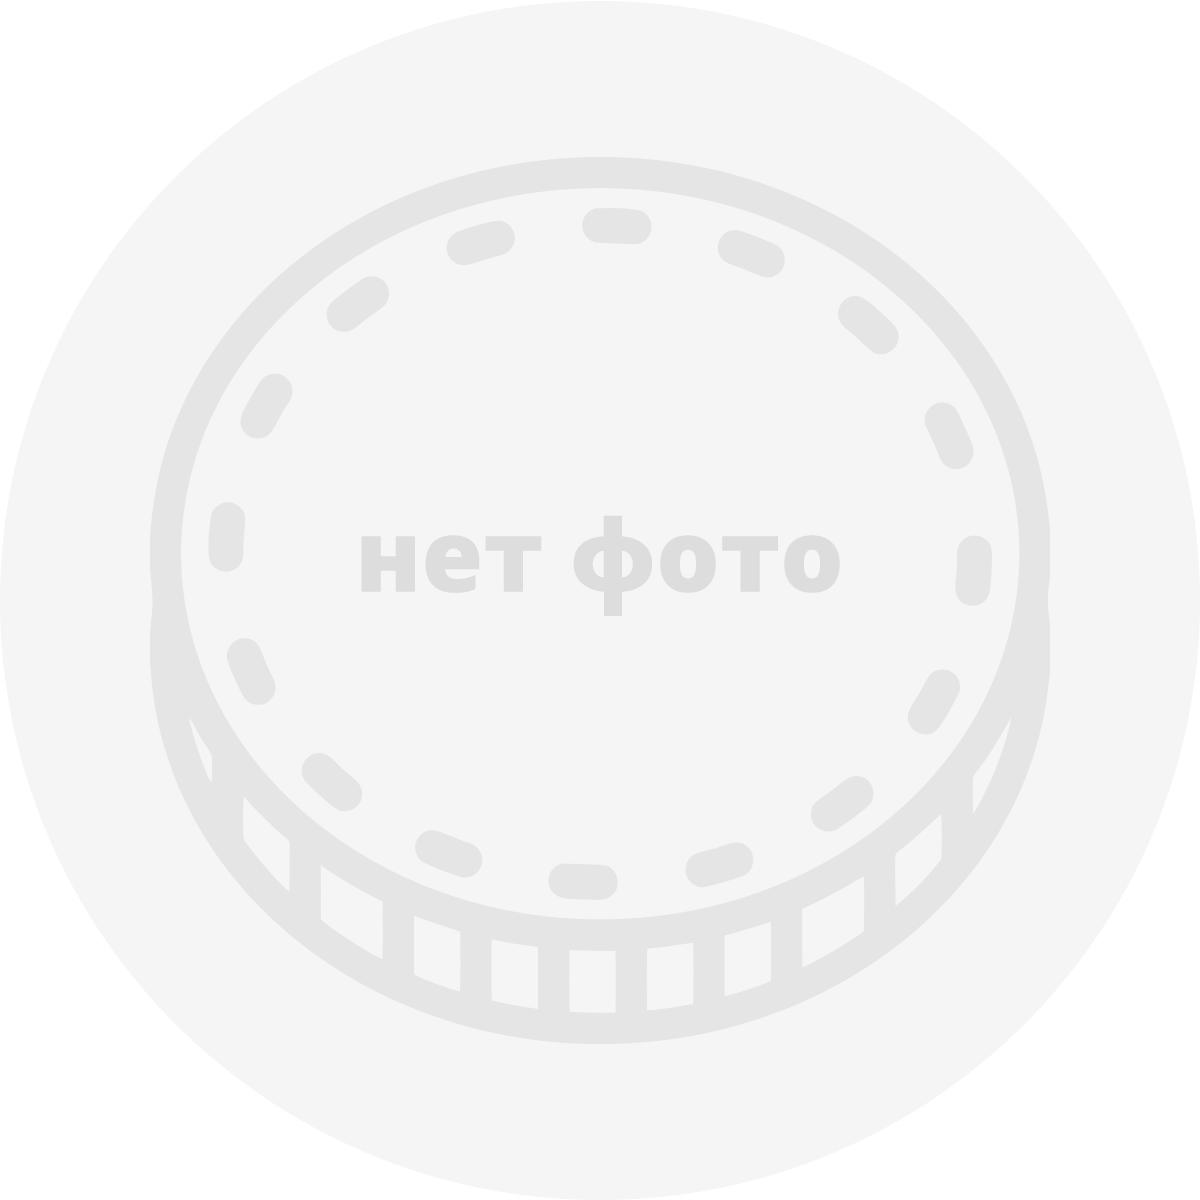 Альбом для монет России СОЧИ-2014